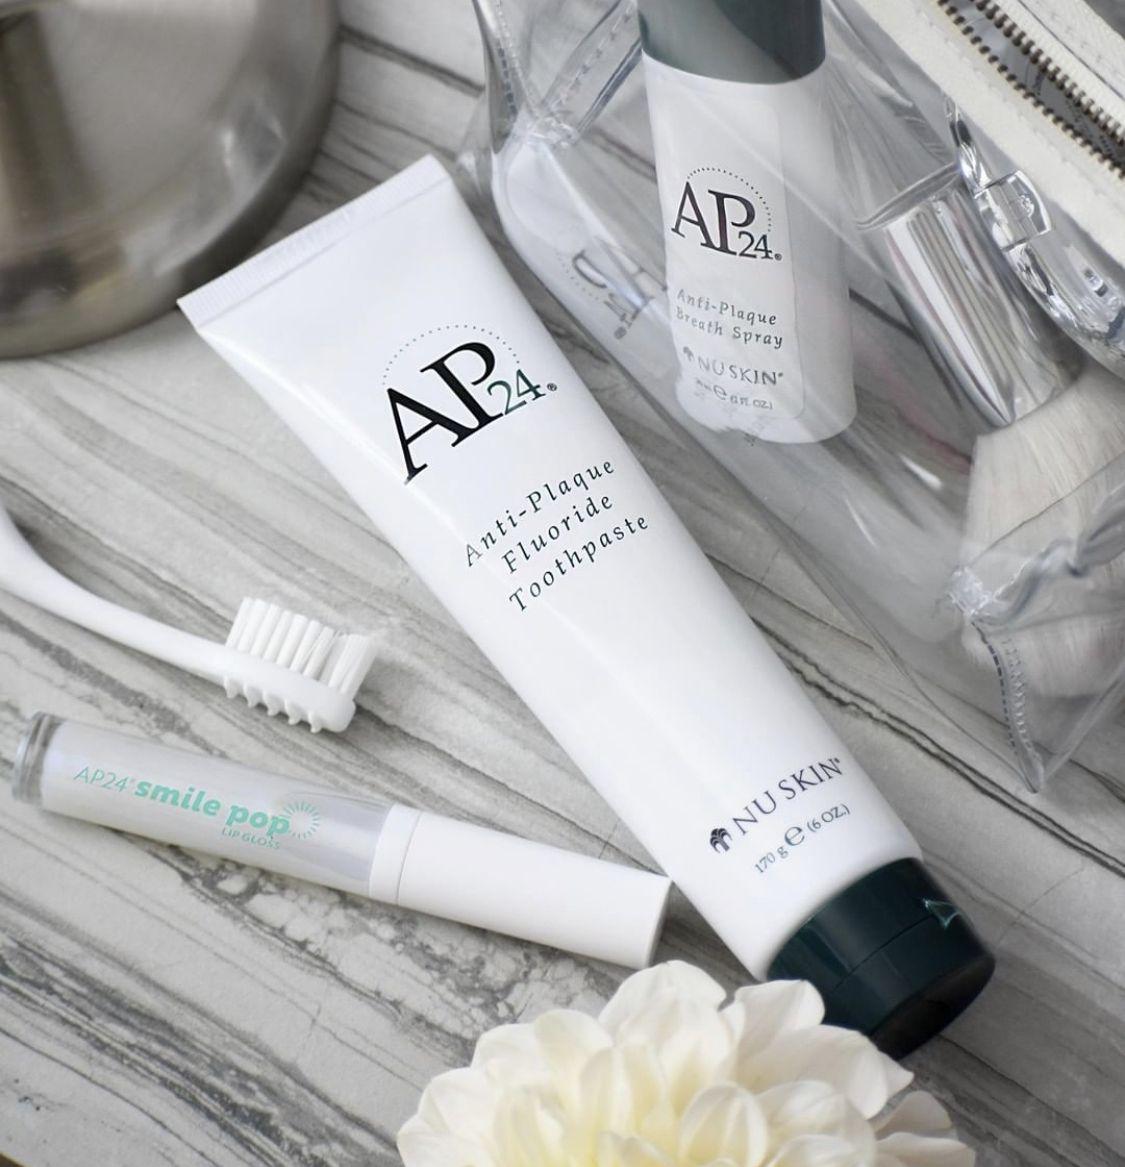 AP24 AntiPlaque Fluoride Toothpaste 2020 Beauty Best